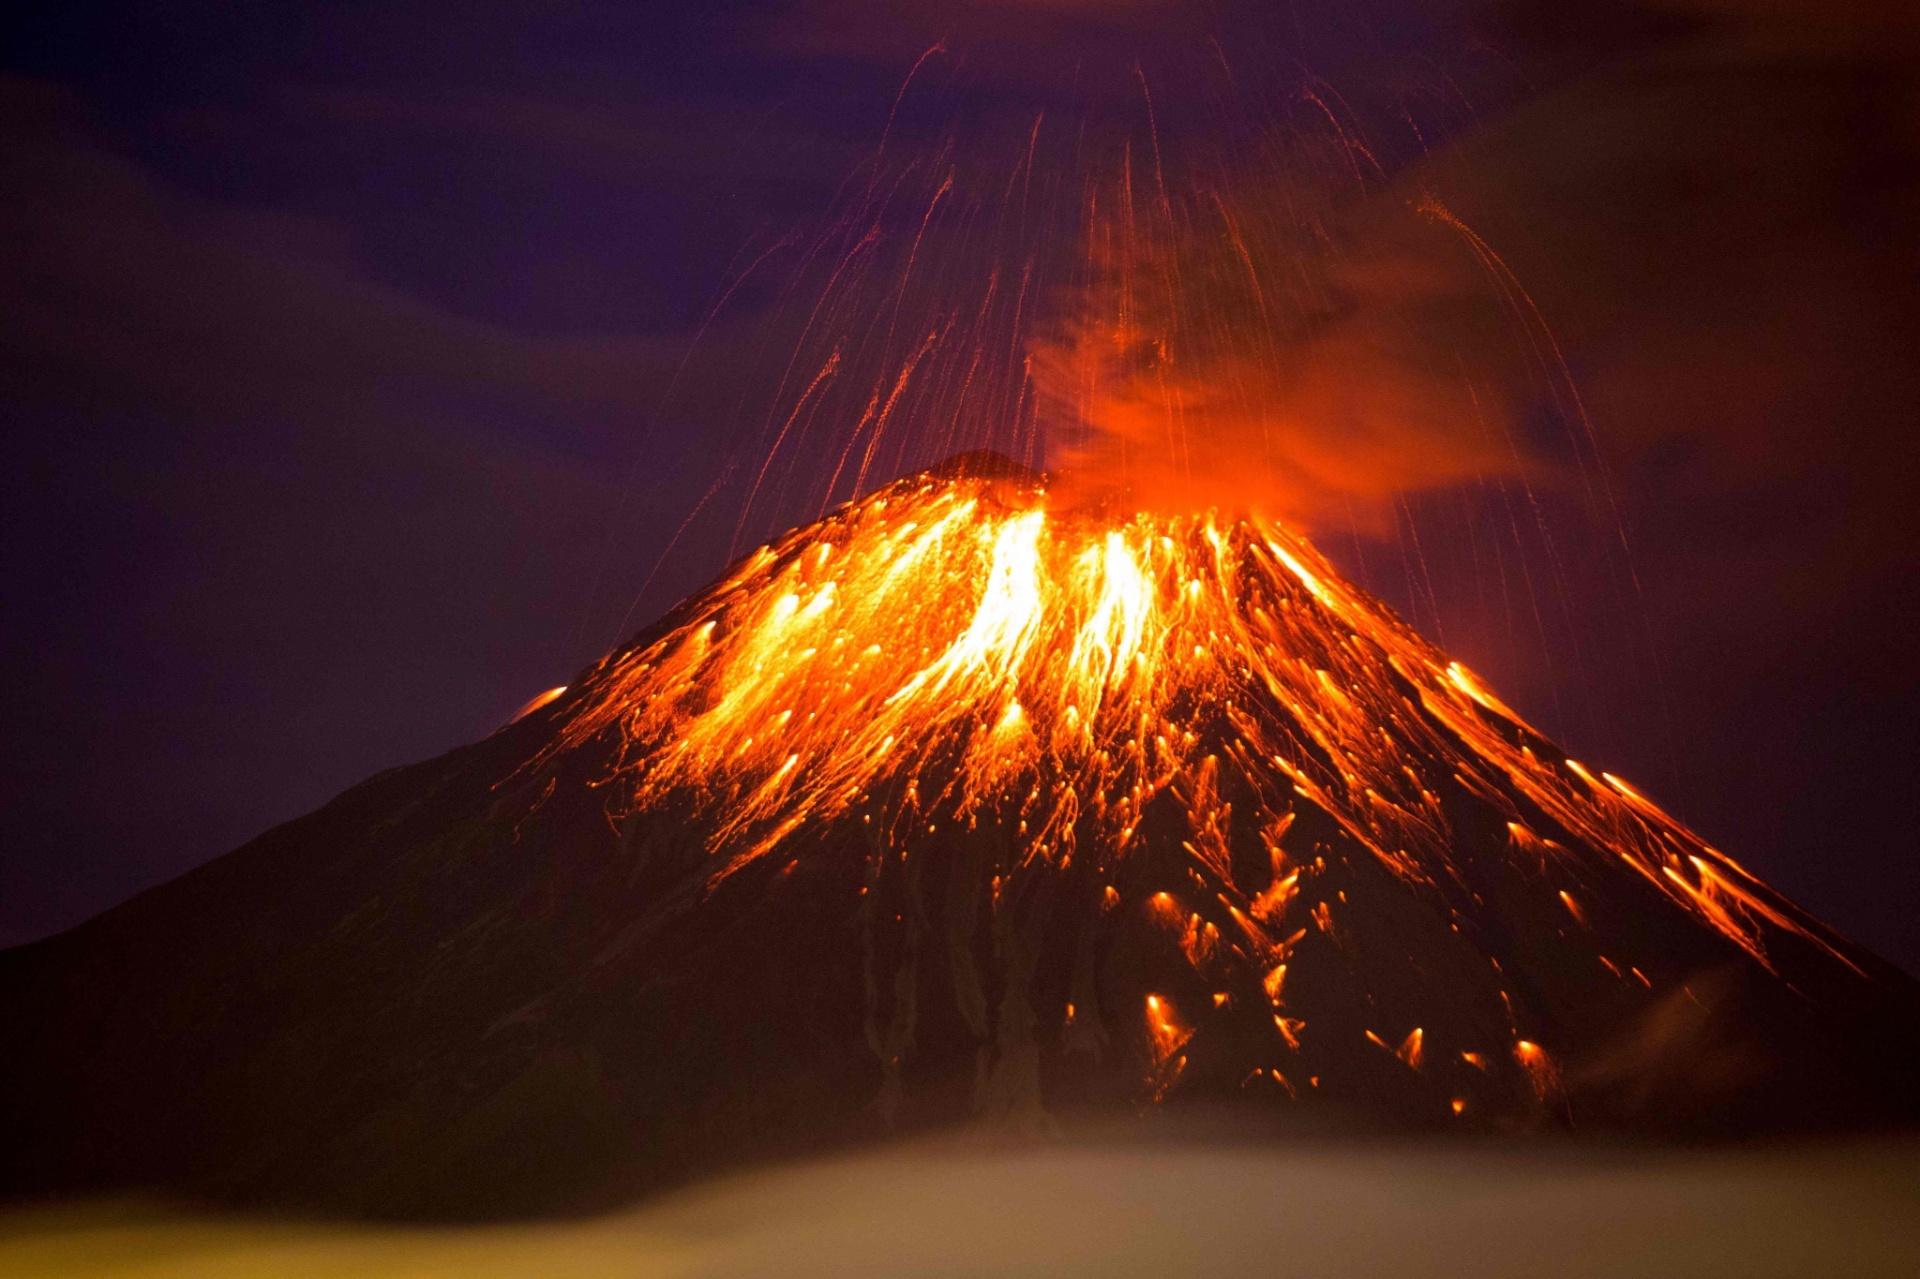 28.fev.2016 - Vulcão Tungurahua expele cinzas e lava em Huambalo, Equador. A erupção afeta as vizinhanças